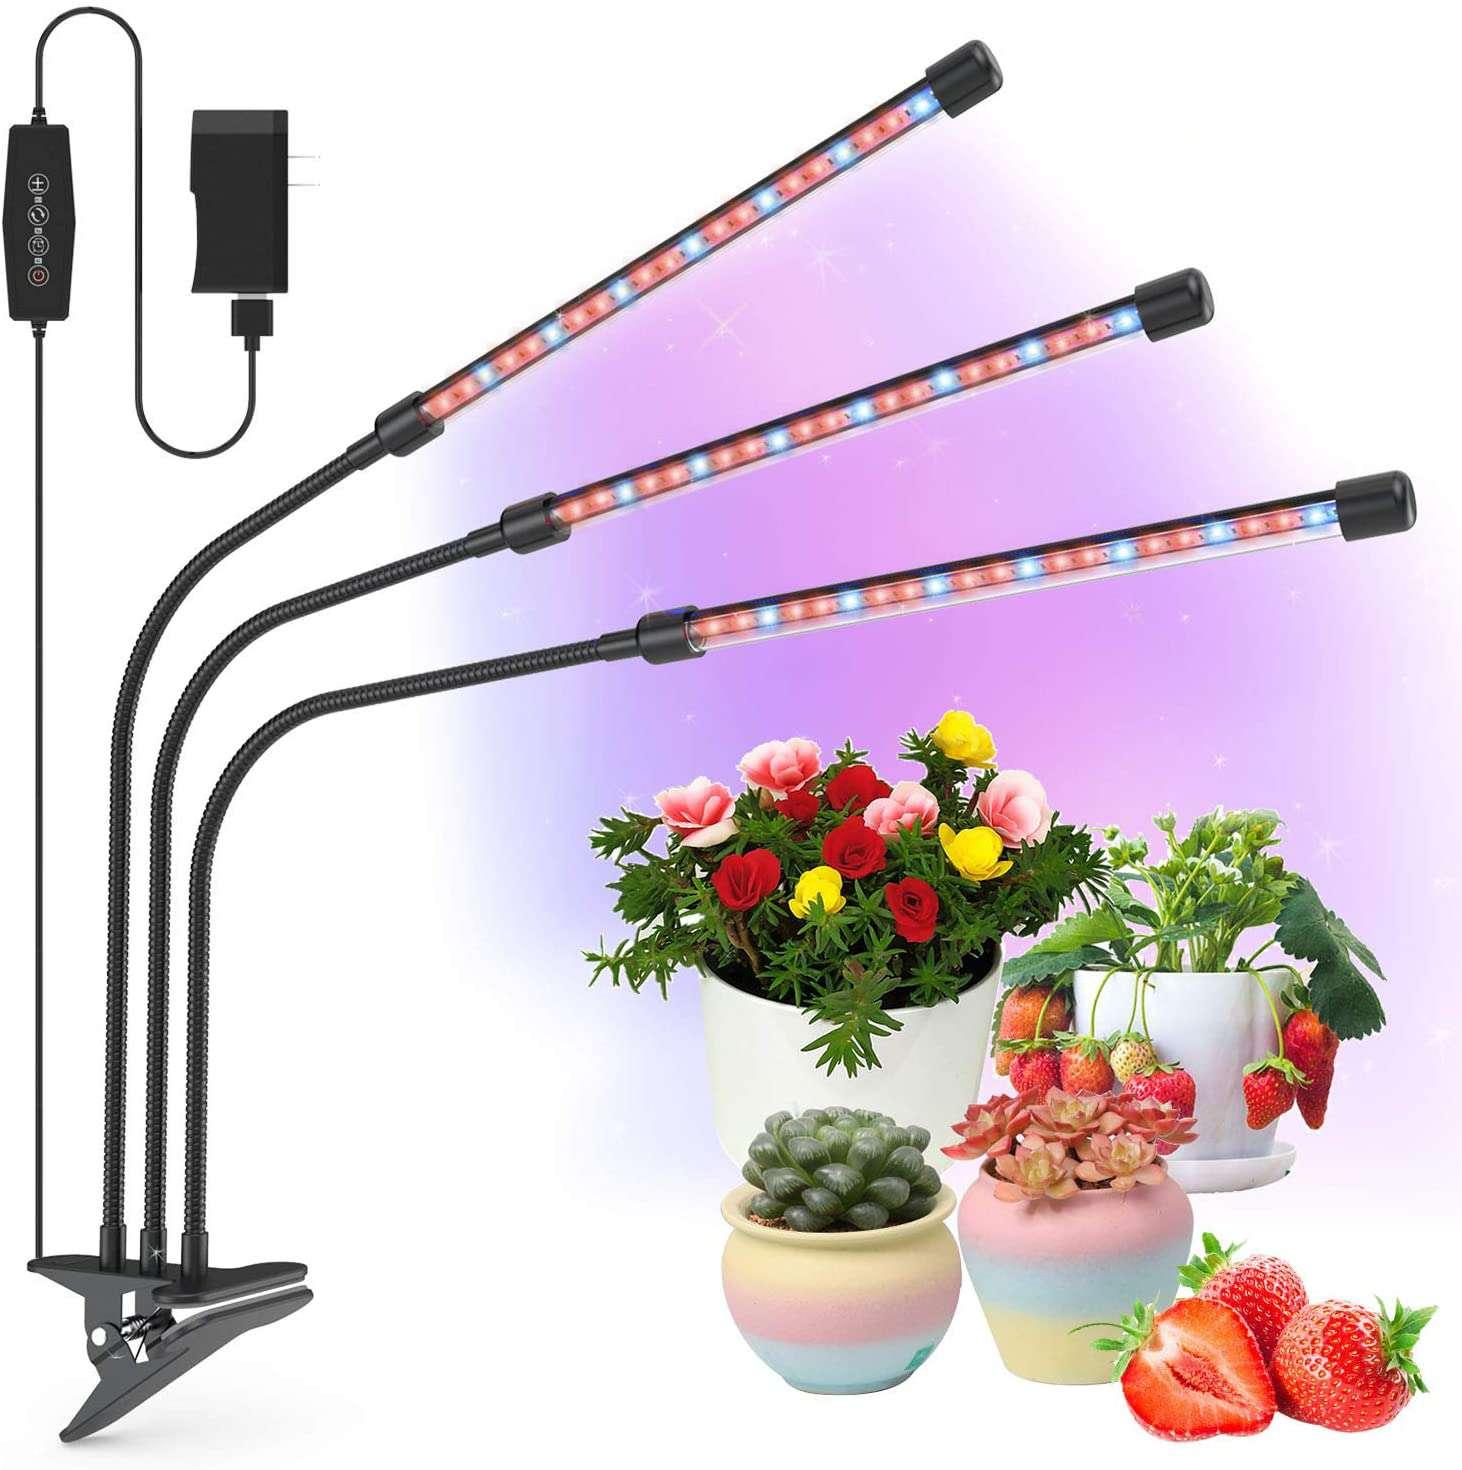 Grow Light for Indoor Plants